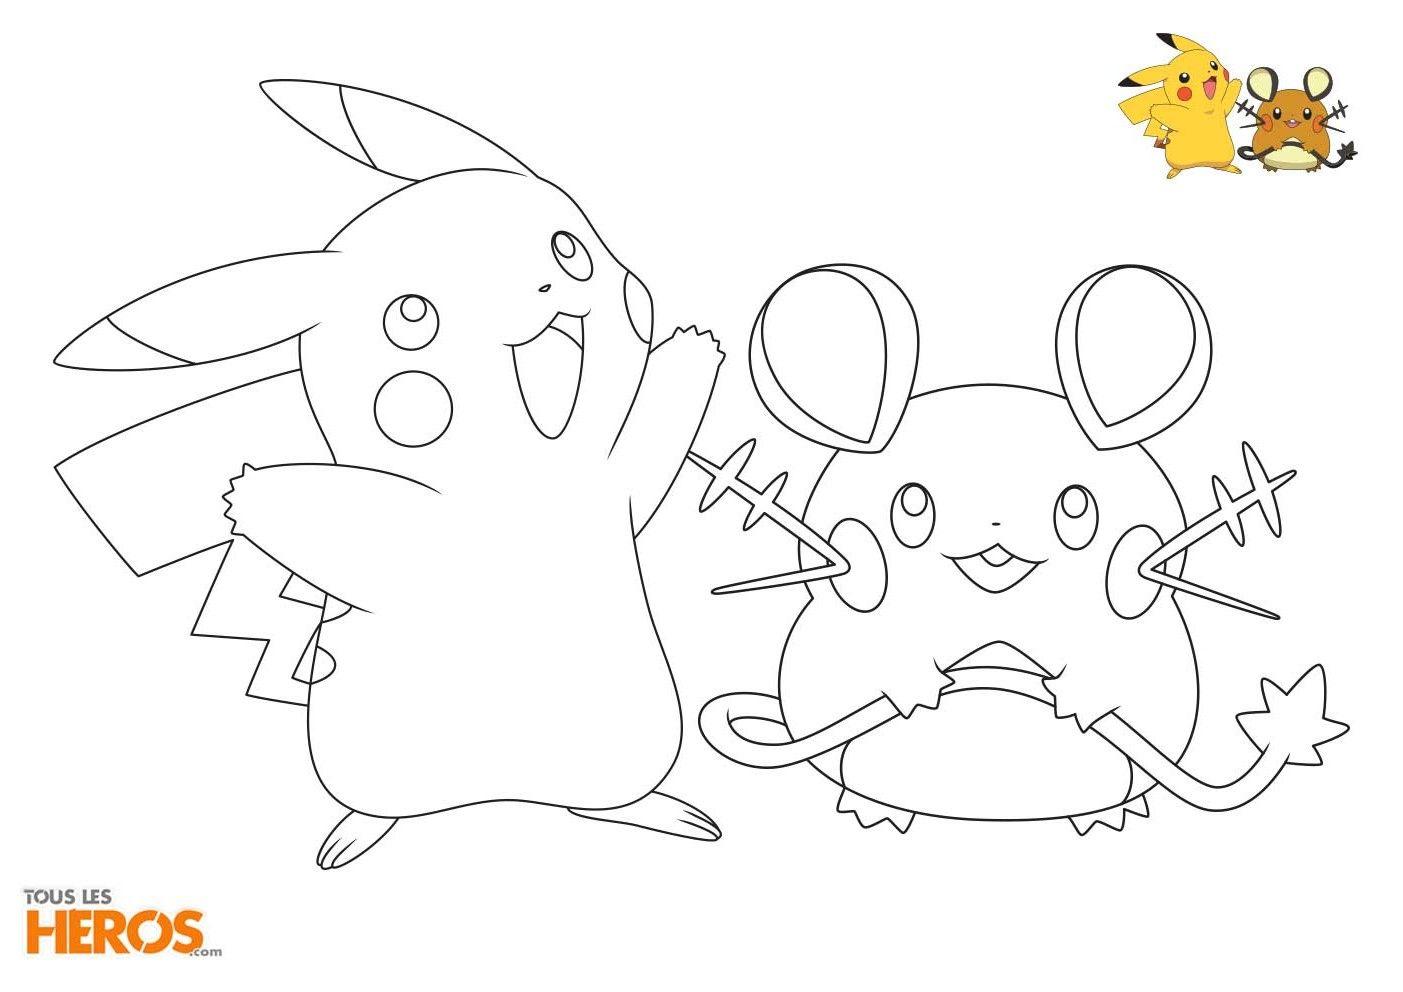 Decouvrez 5 Nouveaux Coloriages Pokemon Totalement Inedits Retrouvez Sacha Pikachu Dracofeu Coloriage Pokemon Coloriage Pokemon A Imprimer Coloriage Pikachu